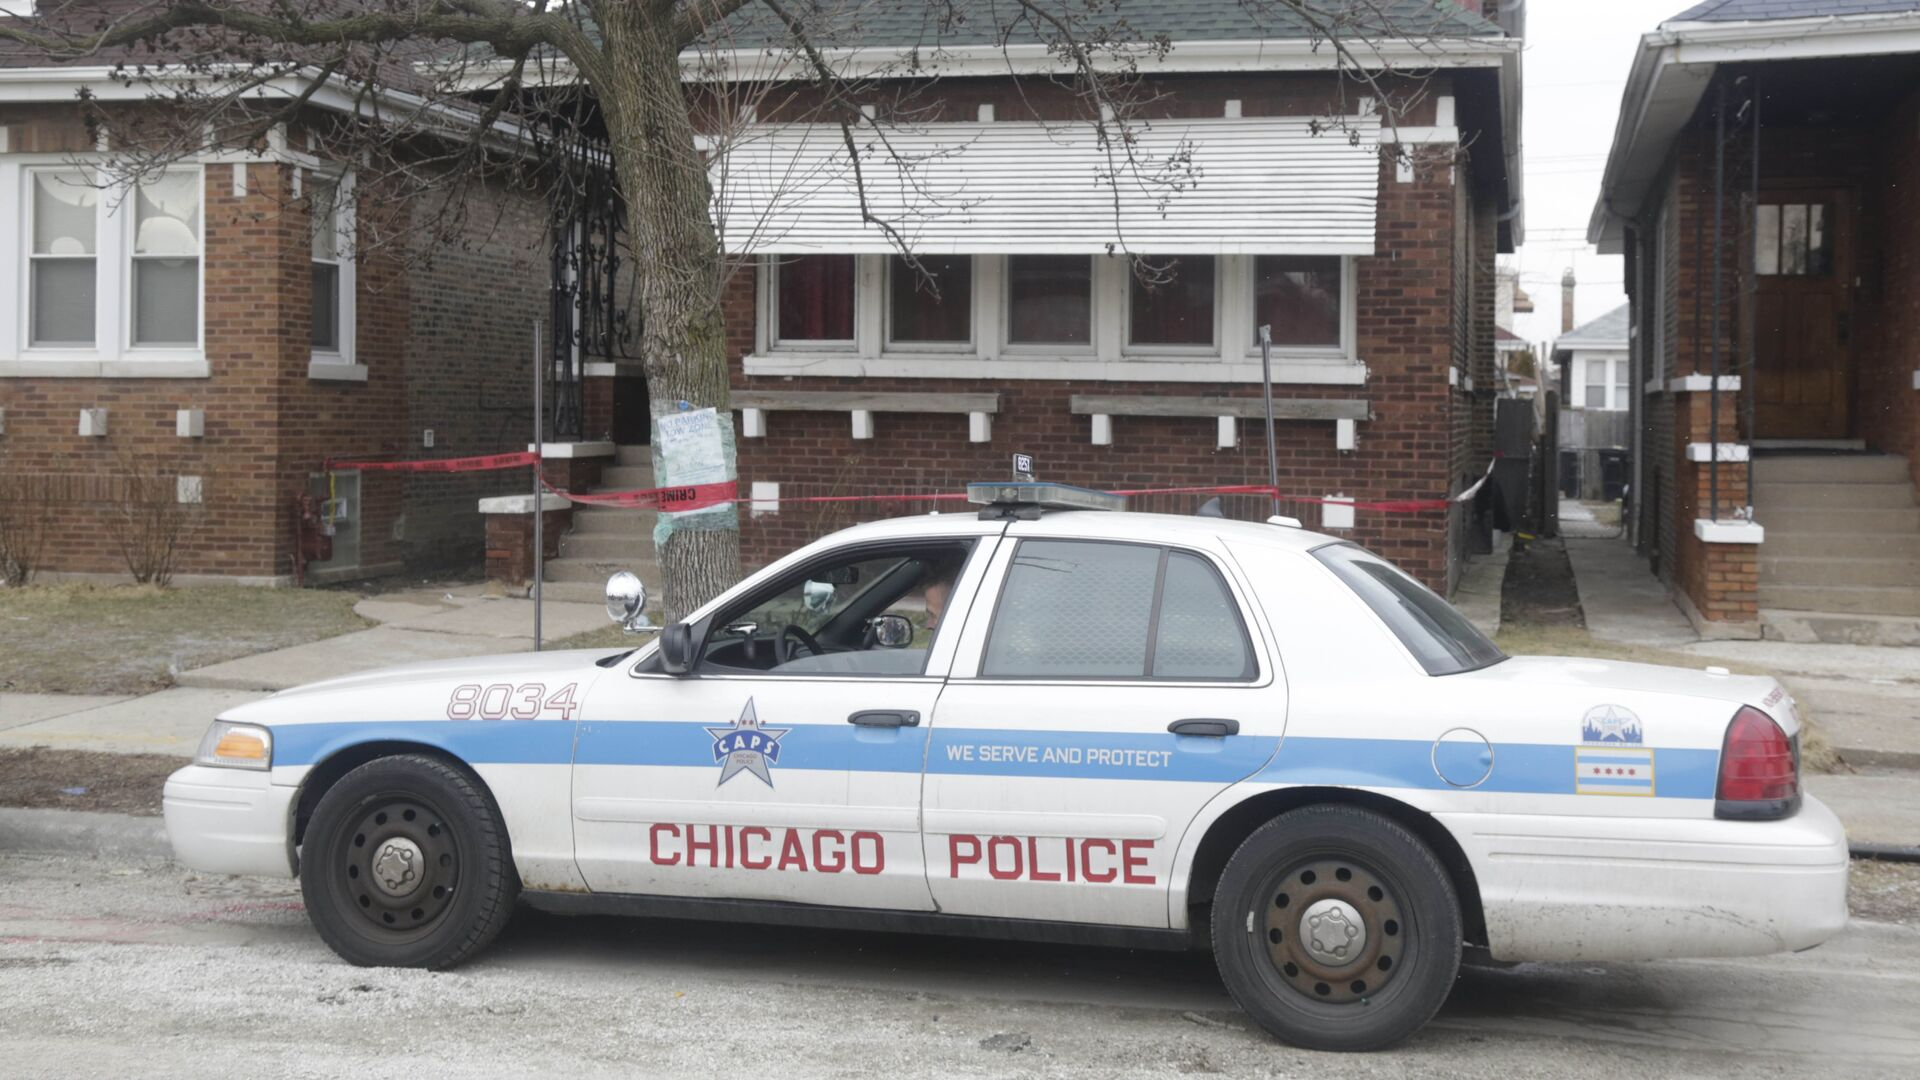 Автомобиль полиции Чикаго, США - РИА Новости, 1920, 10.01.2021